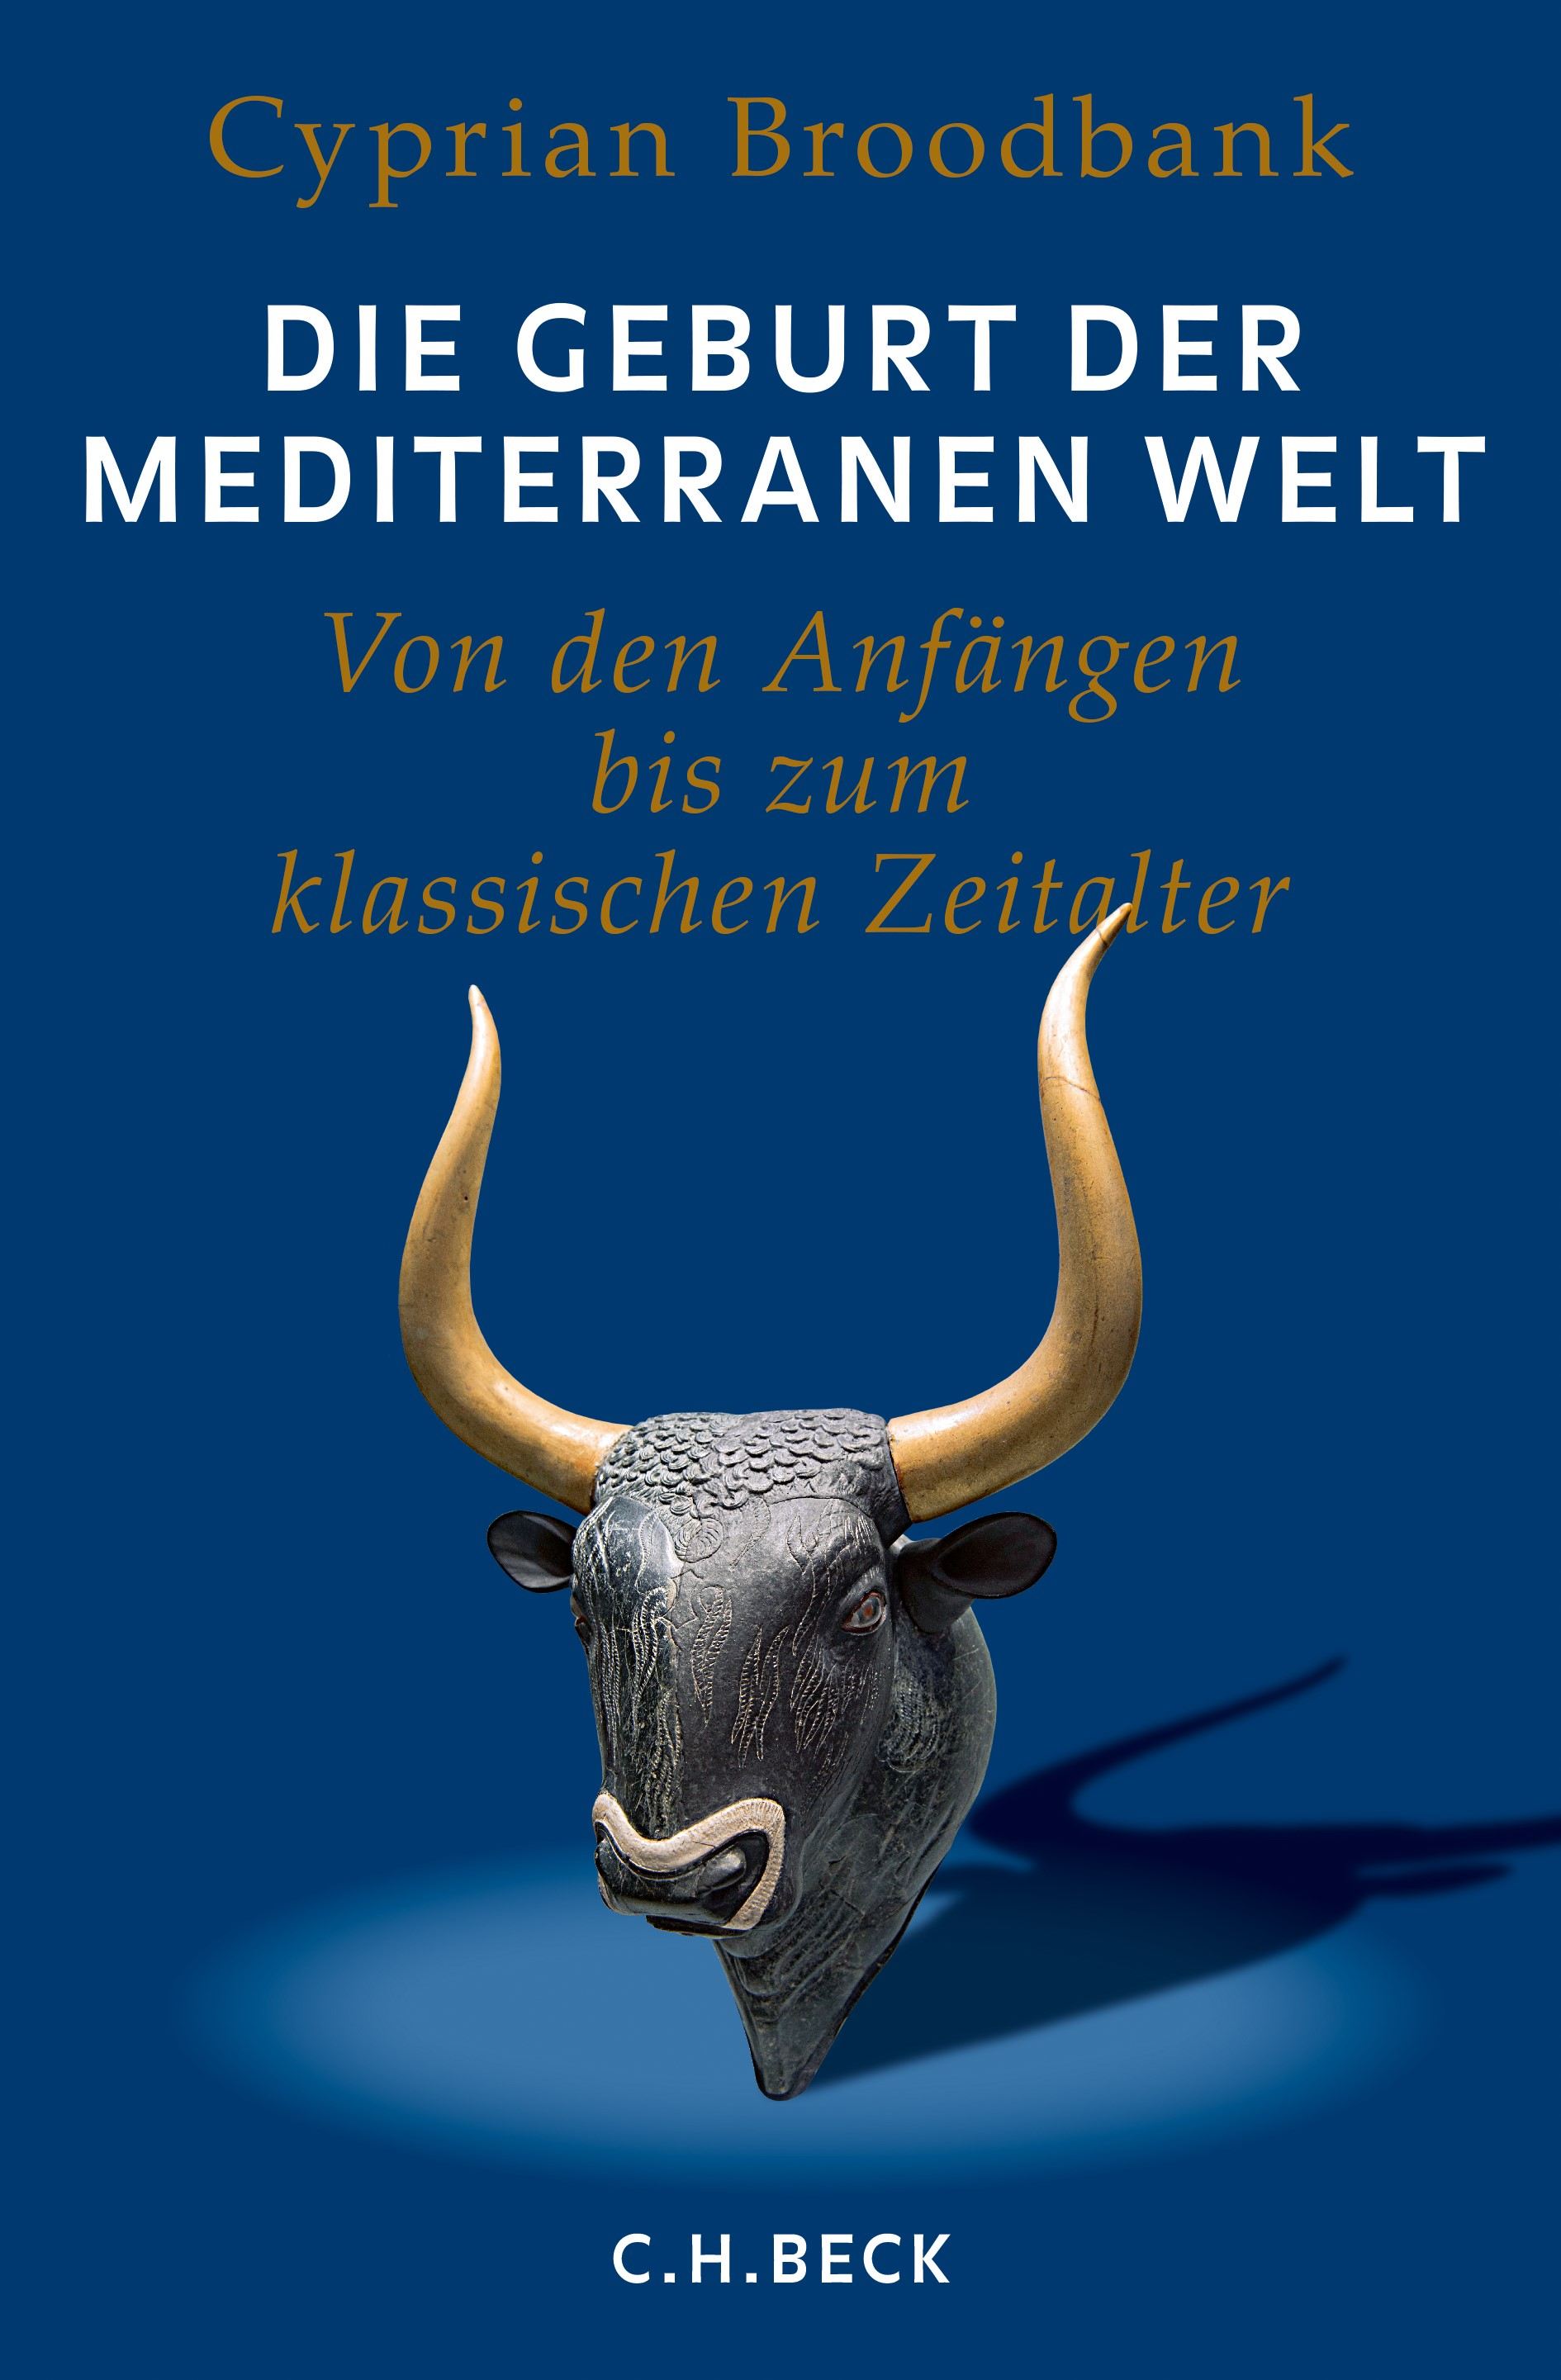 Die Geburt der mediterranen Welt | Broodbank, Cyprian, 2018 | Buch (Cover)